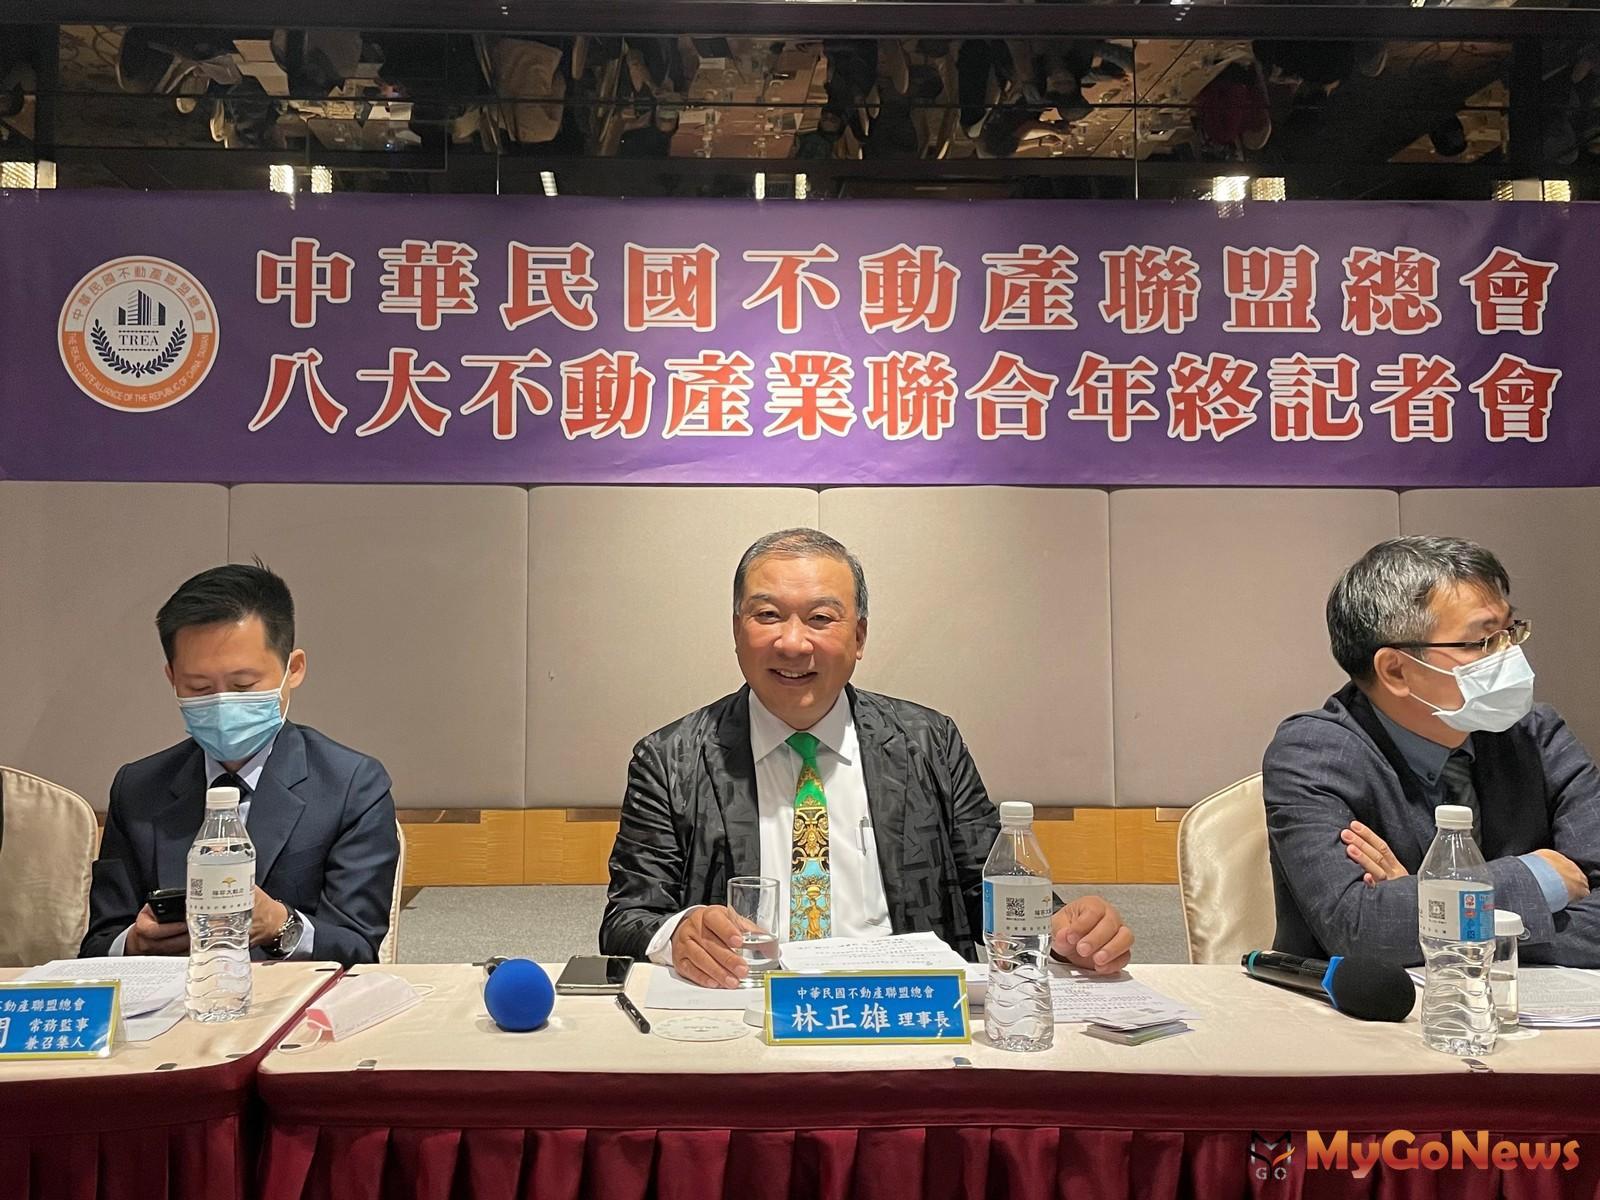 林正雄:打房政策,並沒有打到「房價」,而是打壓到不動產業發展與國家經濟成長 MyGoNews房地產新聞 市場快訊